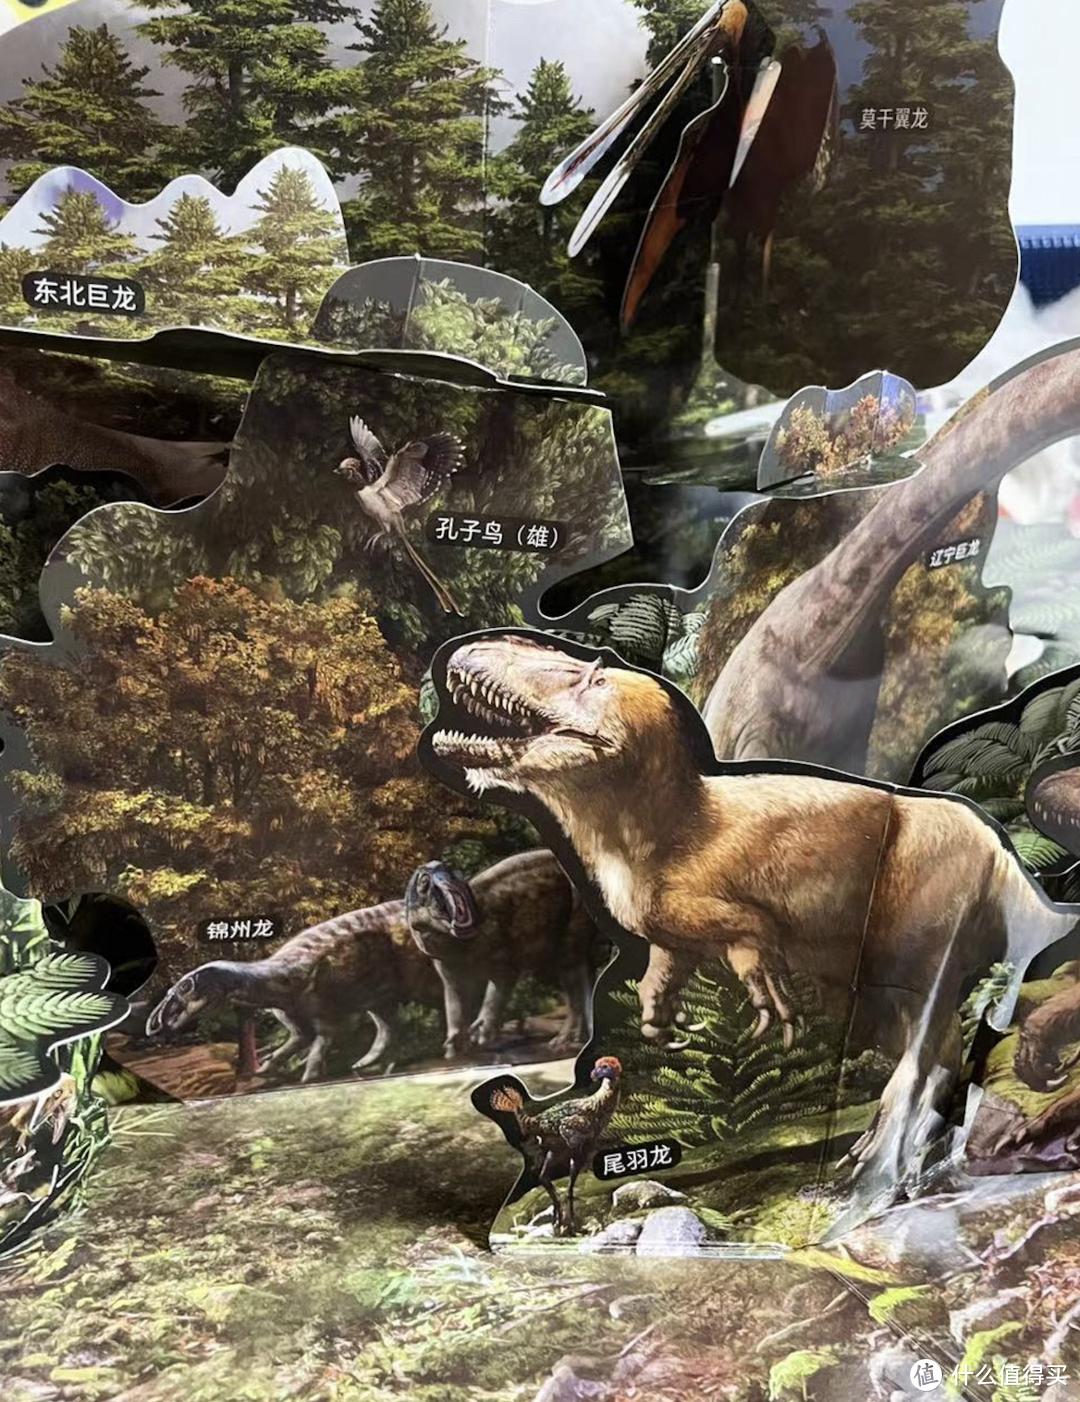 我和儿子的恐龙探秘之旅~关于恐龙的一切你都知道吗?